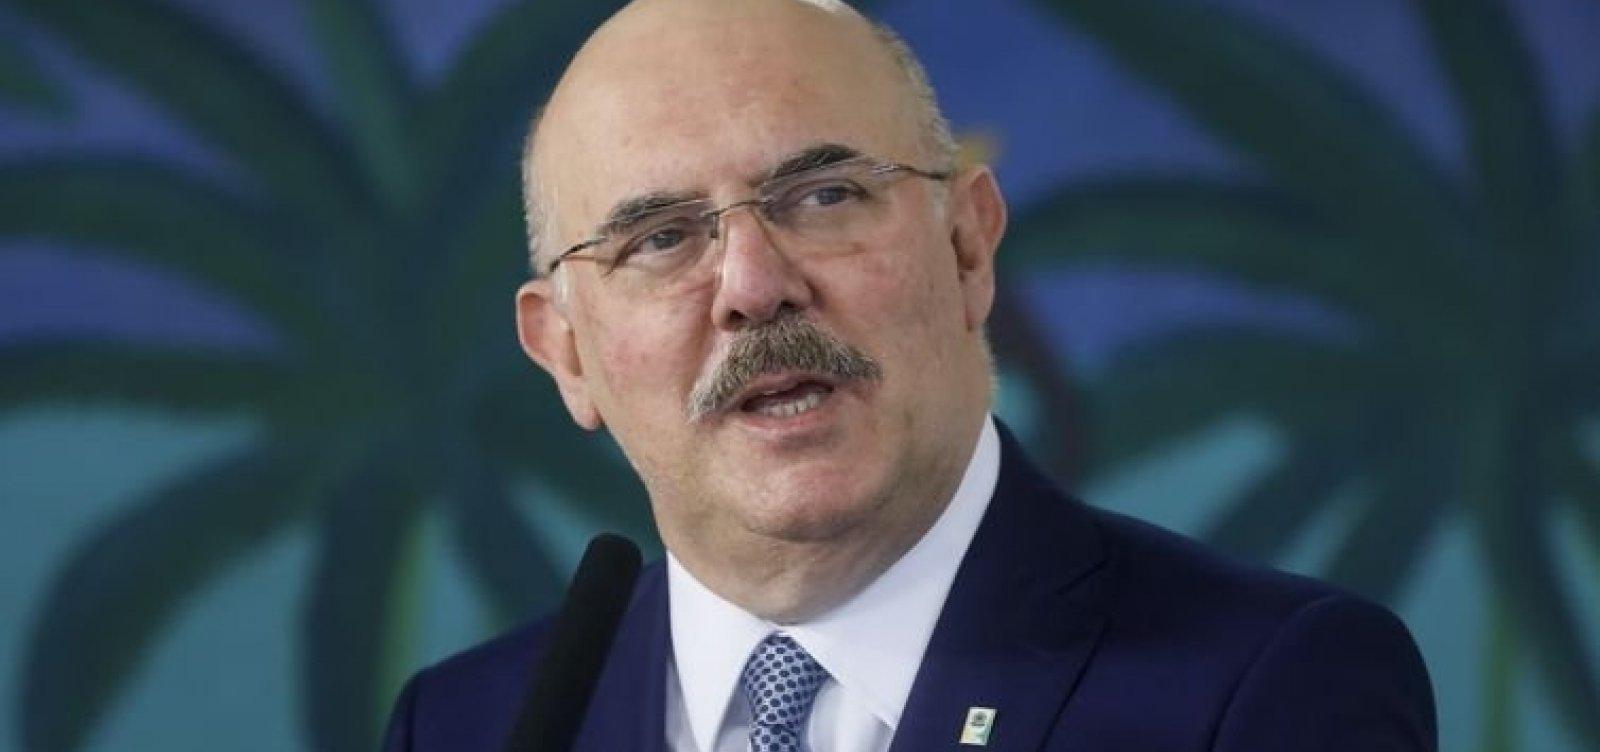 [Ministro da Educação presta depoimento à PF por atribuir homossexualidade a 'famílias desajustadas']